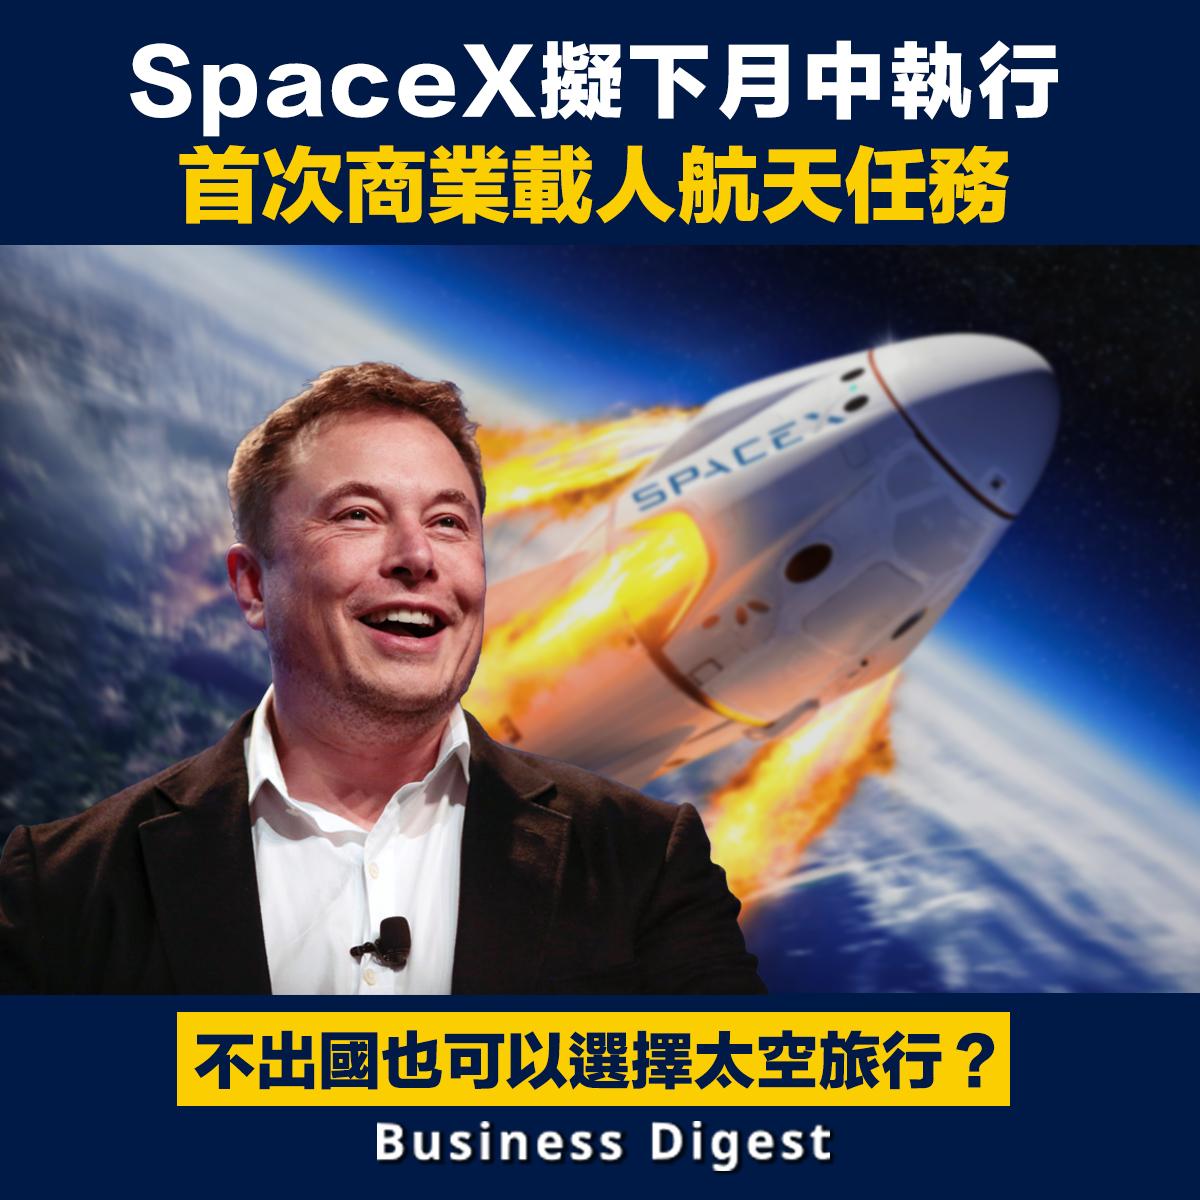 美國太空總署(NASA)宣布,美國太空探索技術公司SpaceX計劃下月14日執行首次商業載人航天任務